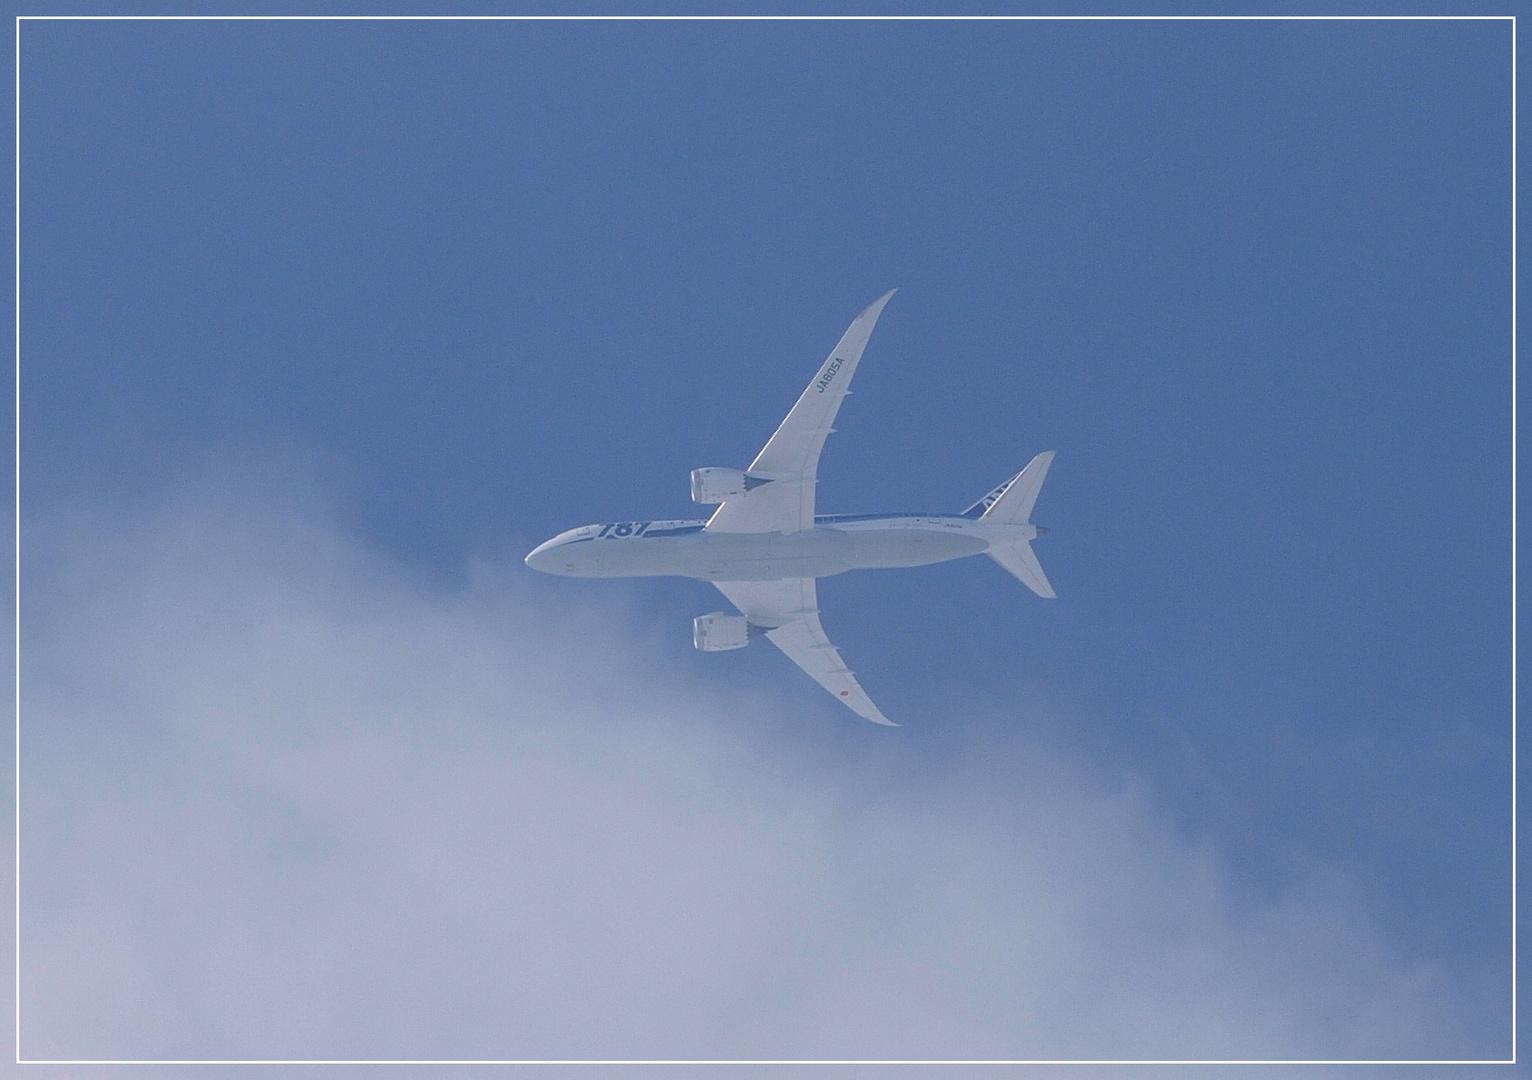 Dreamliner B787-800